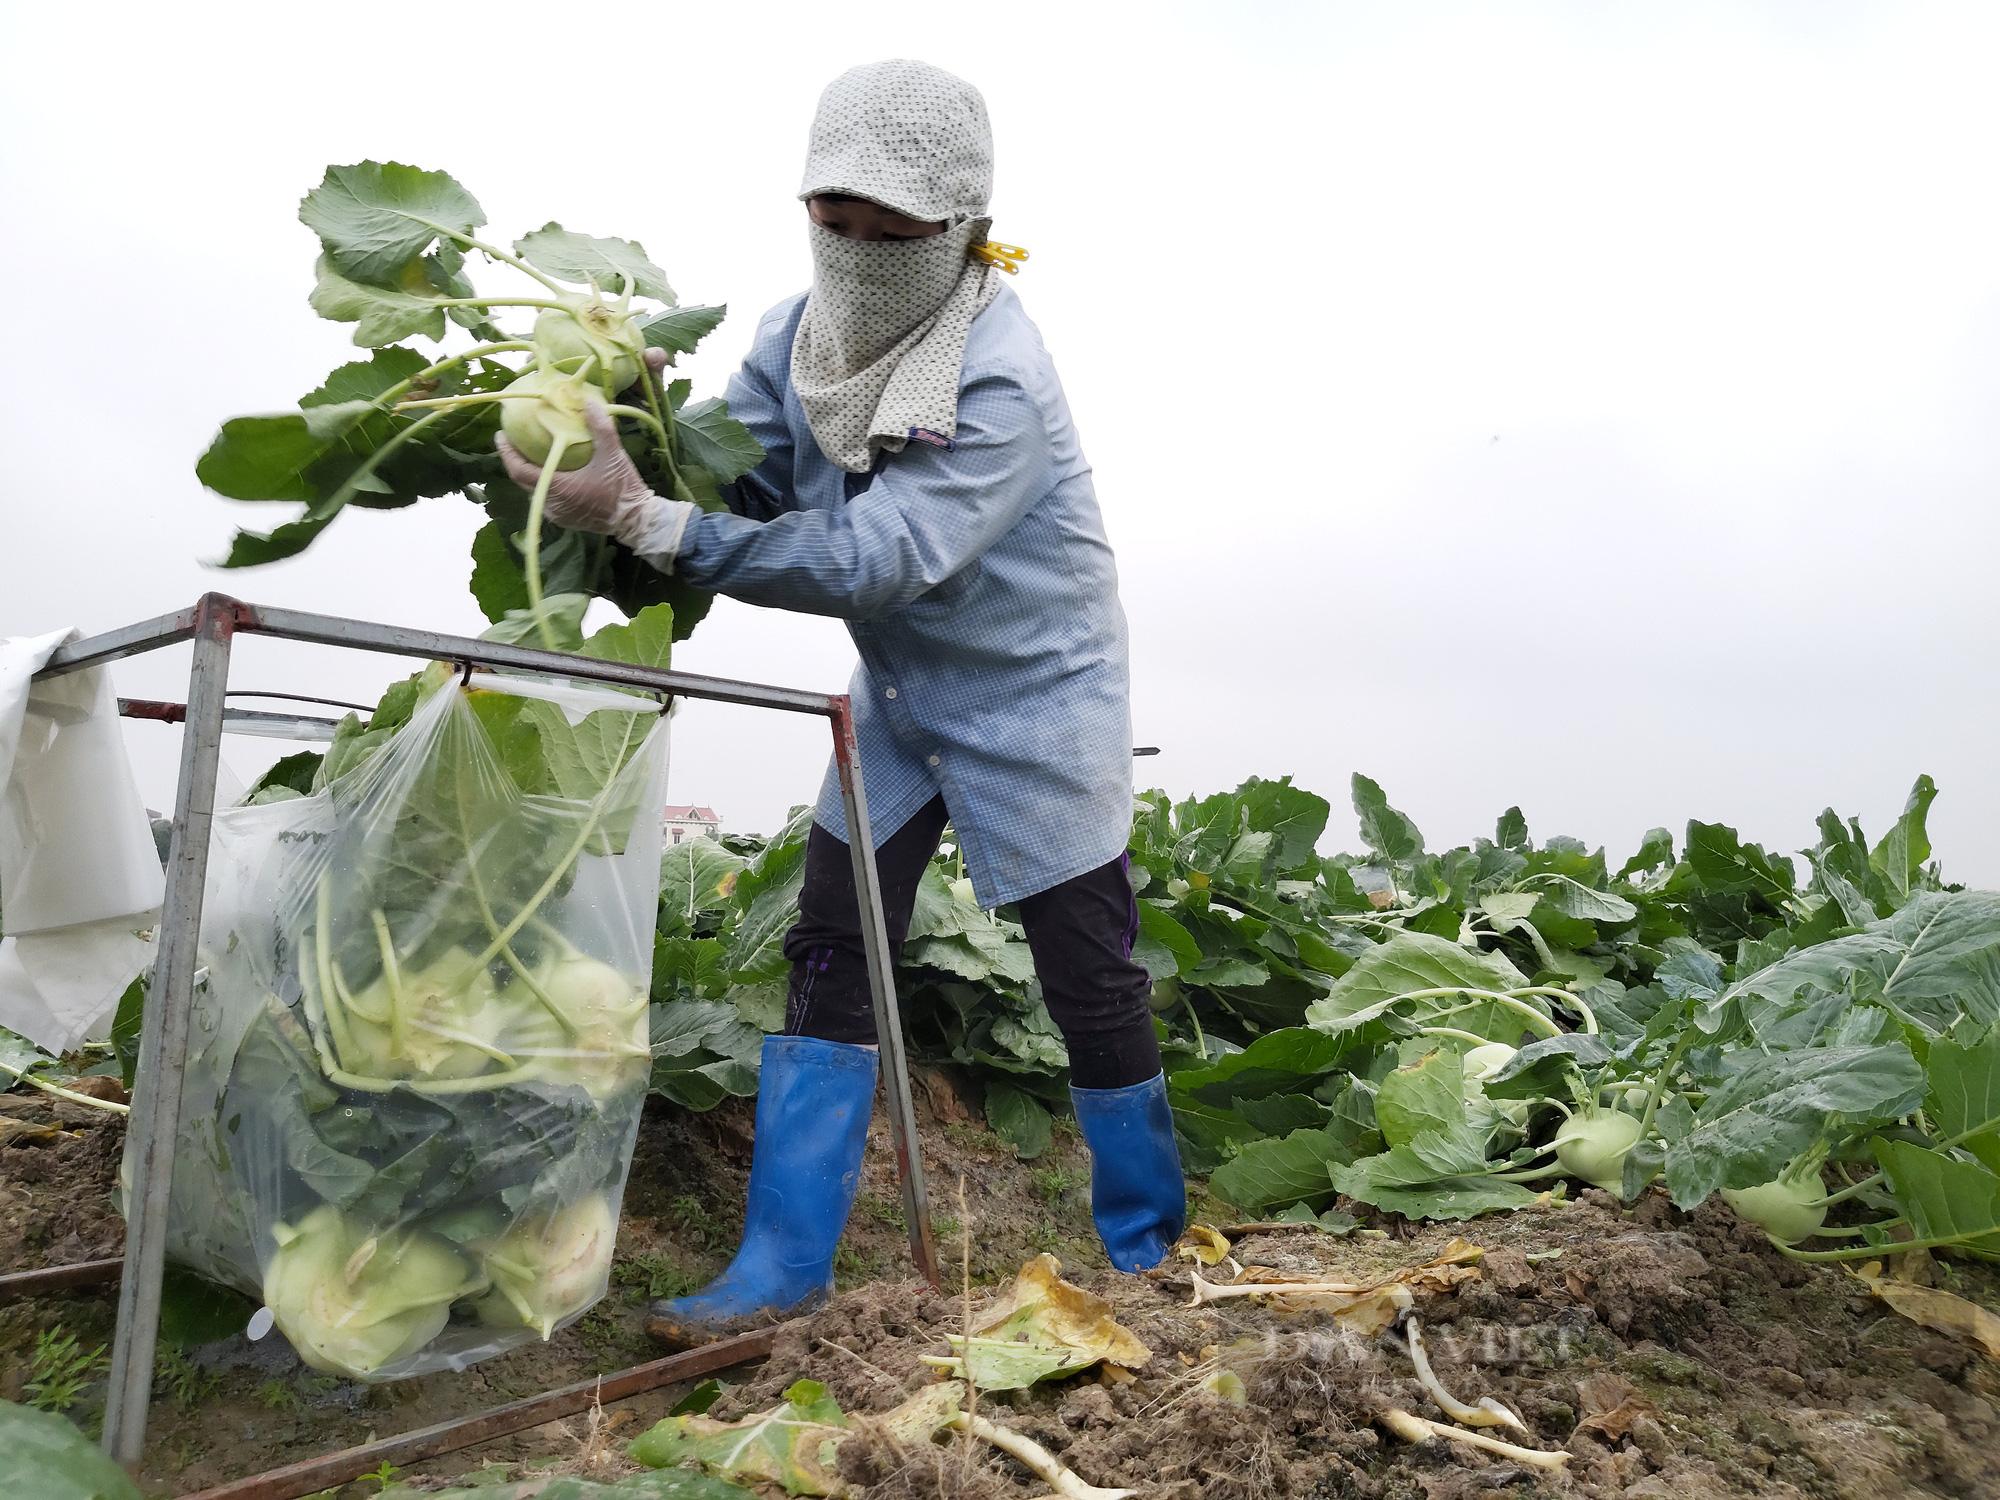 Sau chuyển đổi đất lúa ở Hải Dương: Nông dân thu nhập  hàng trăm triệu đồng/ha - Ảnh 1.